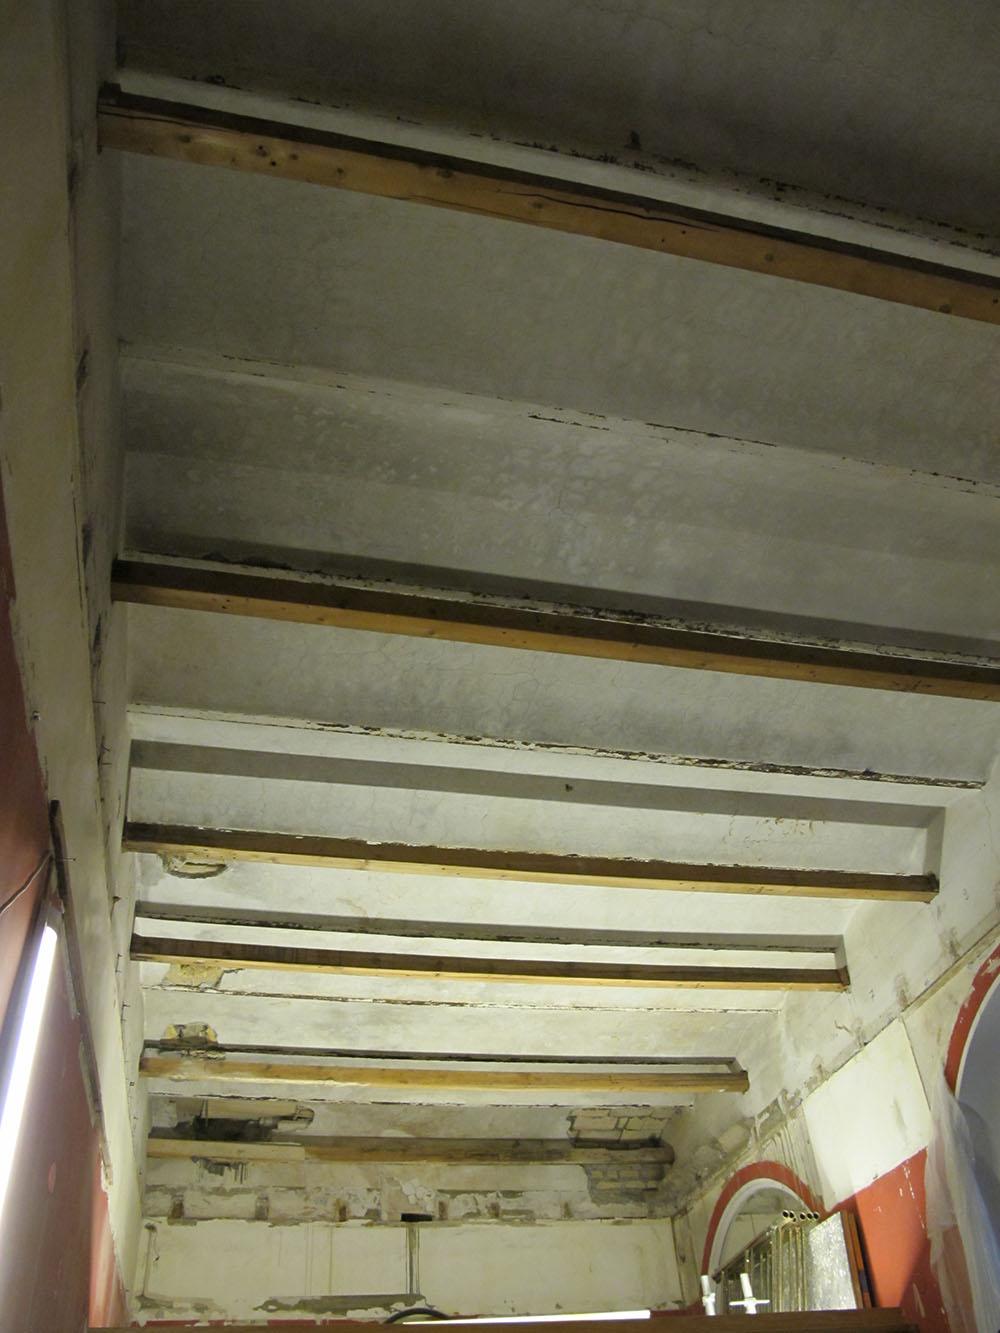 07 la sala dopo lo smantaggio completo degli arredi lignei